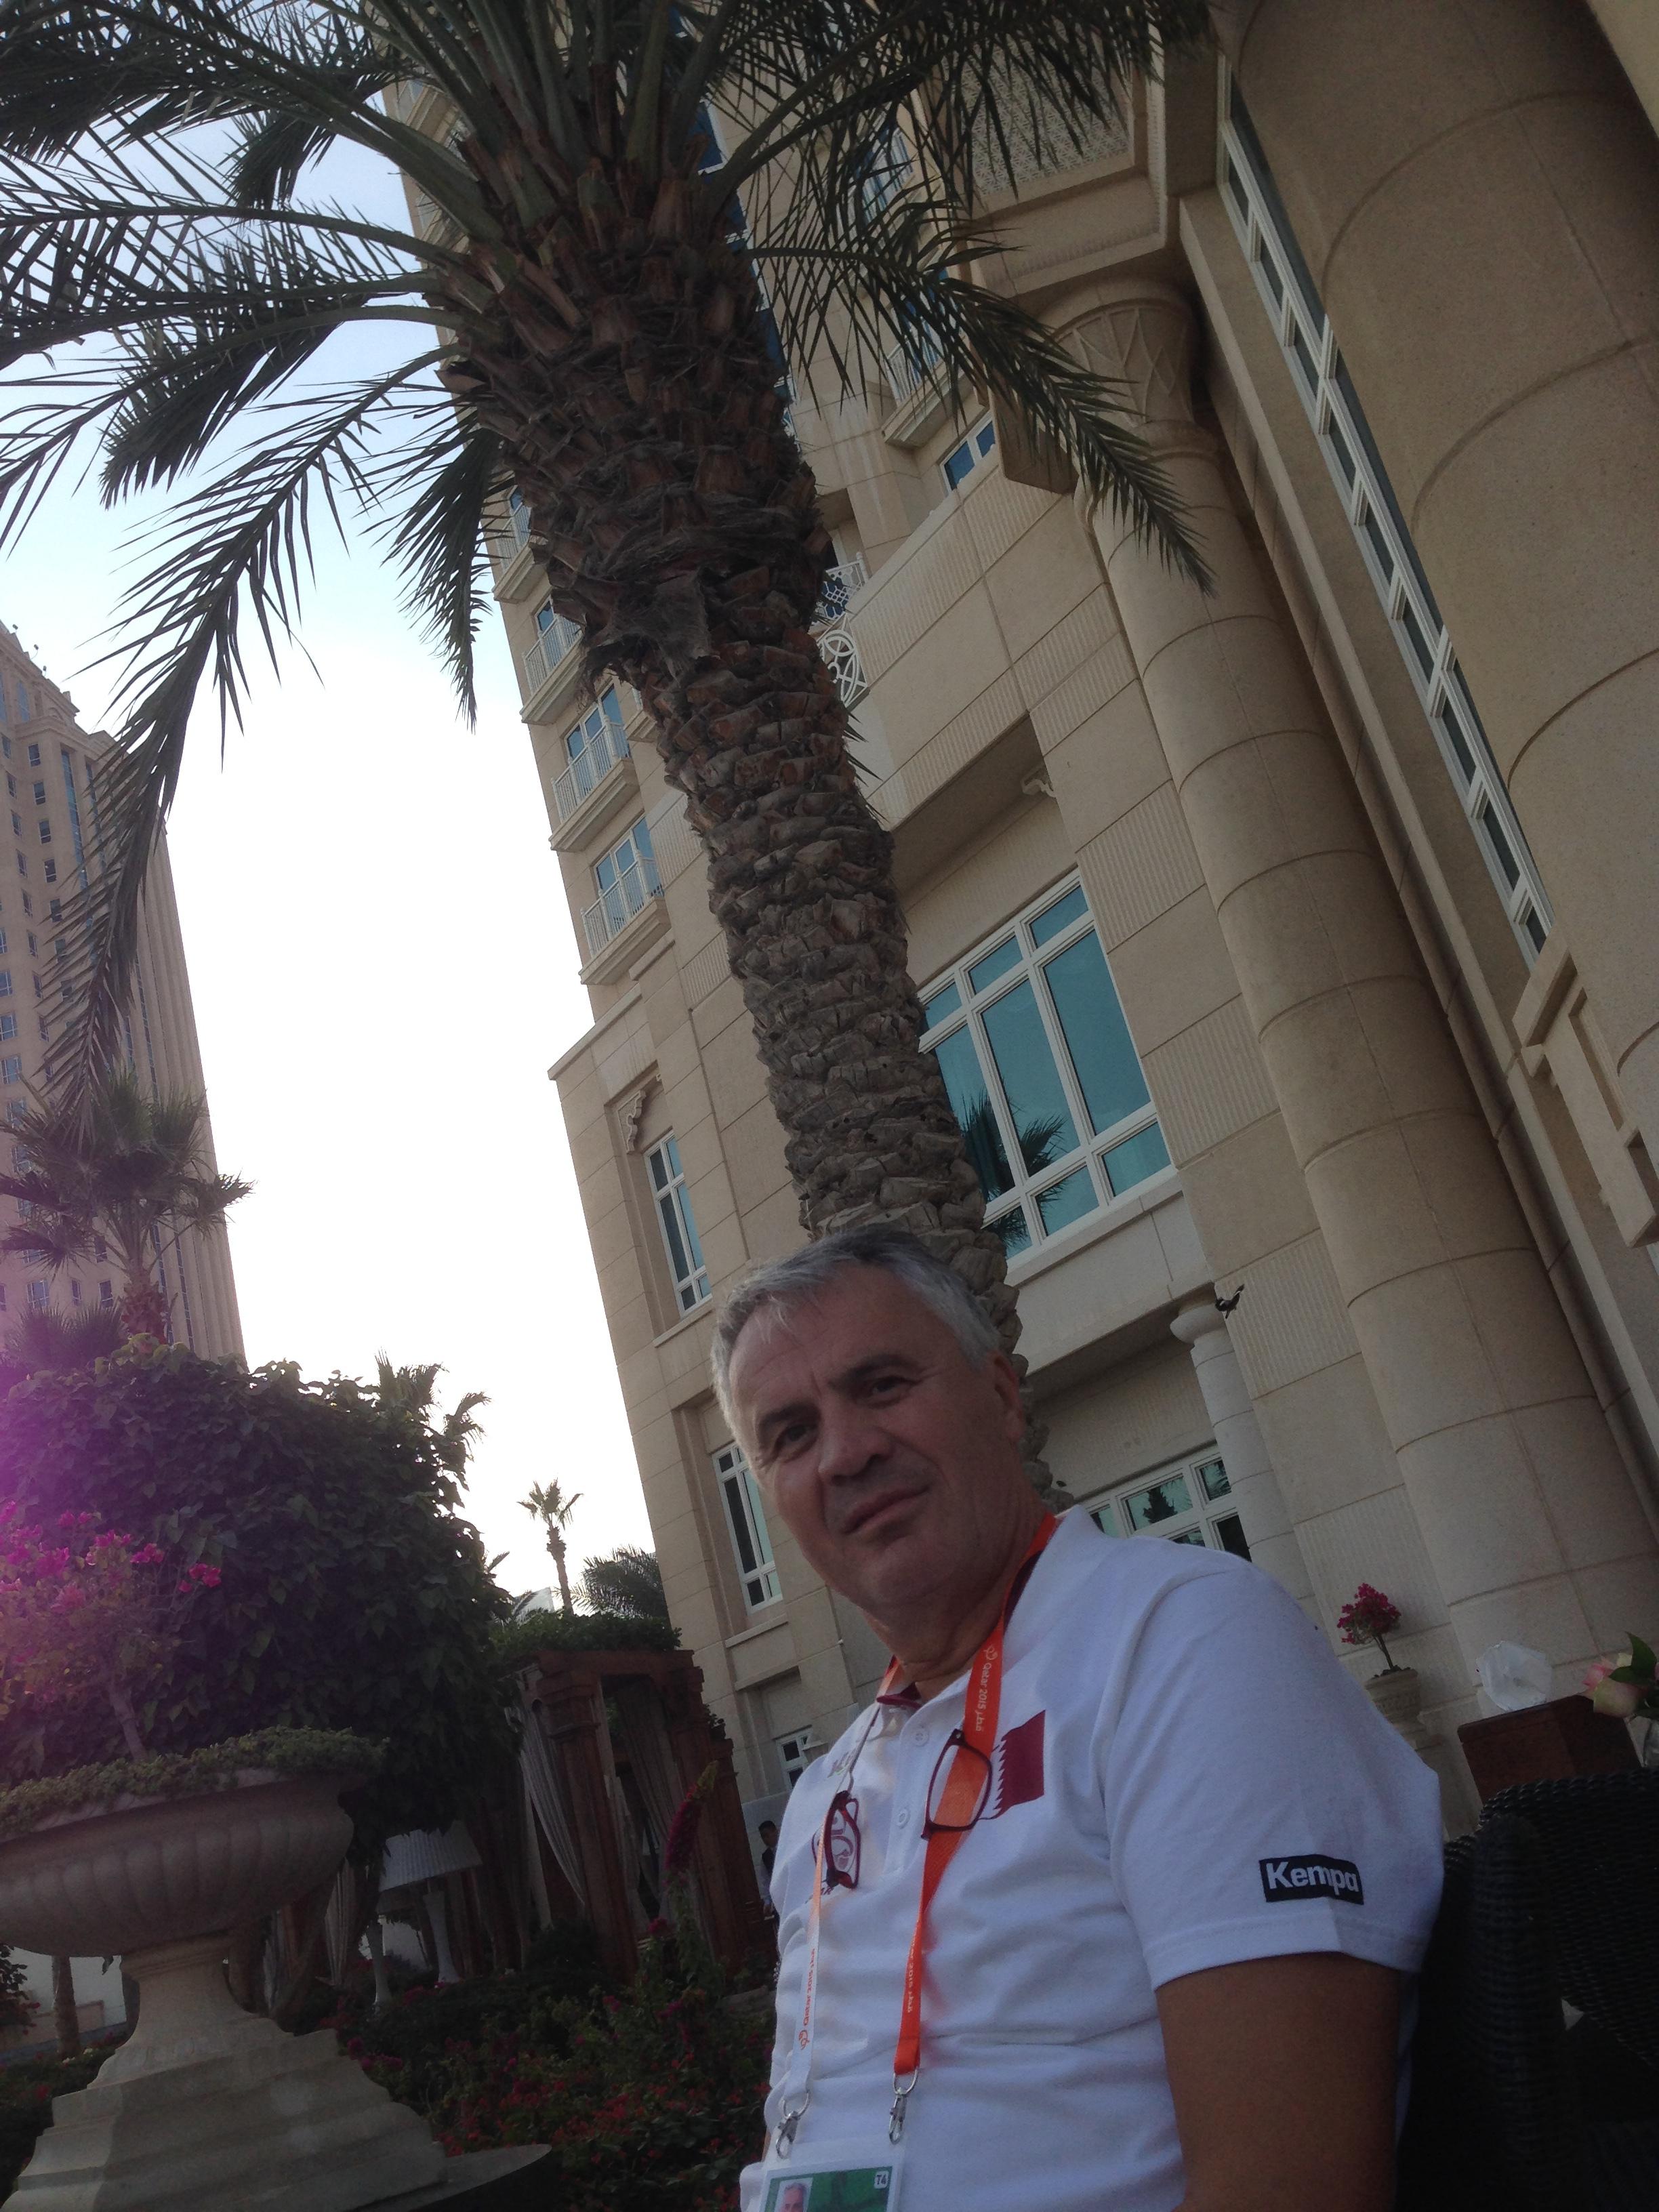 Emma johansson fortsatt fyra i qatar